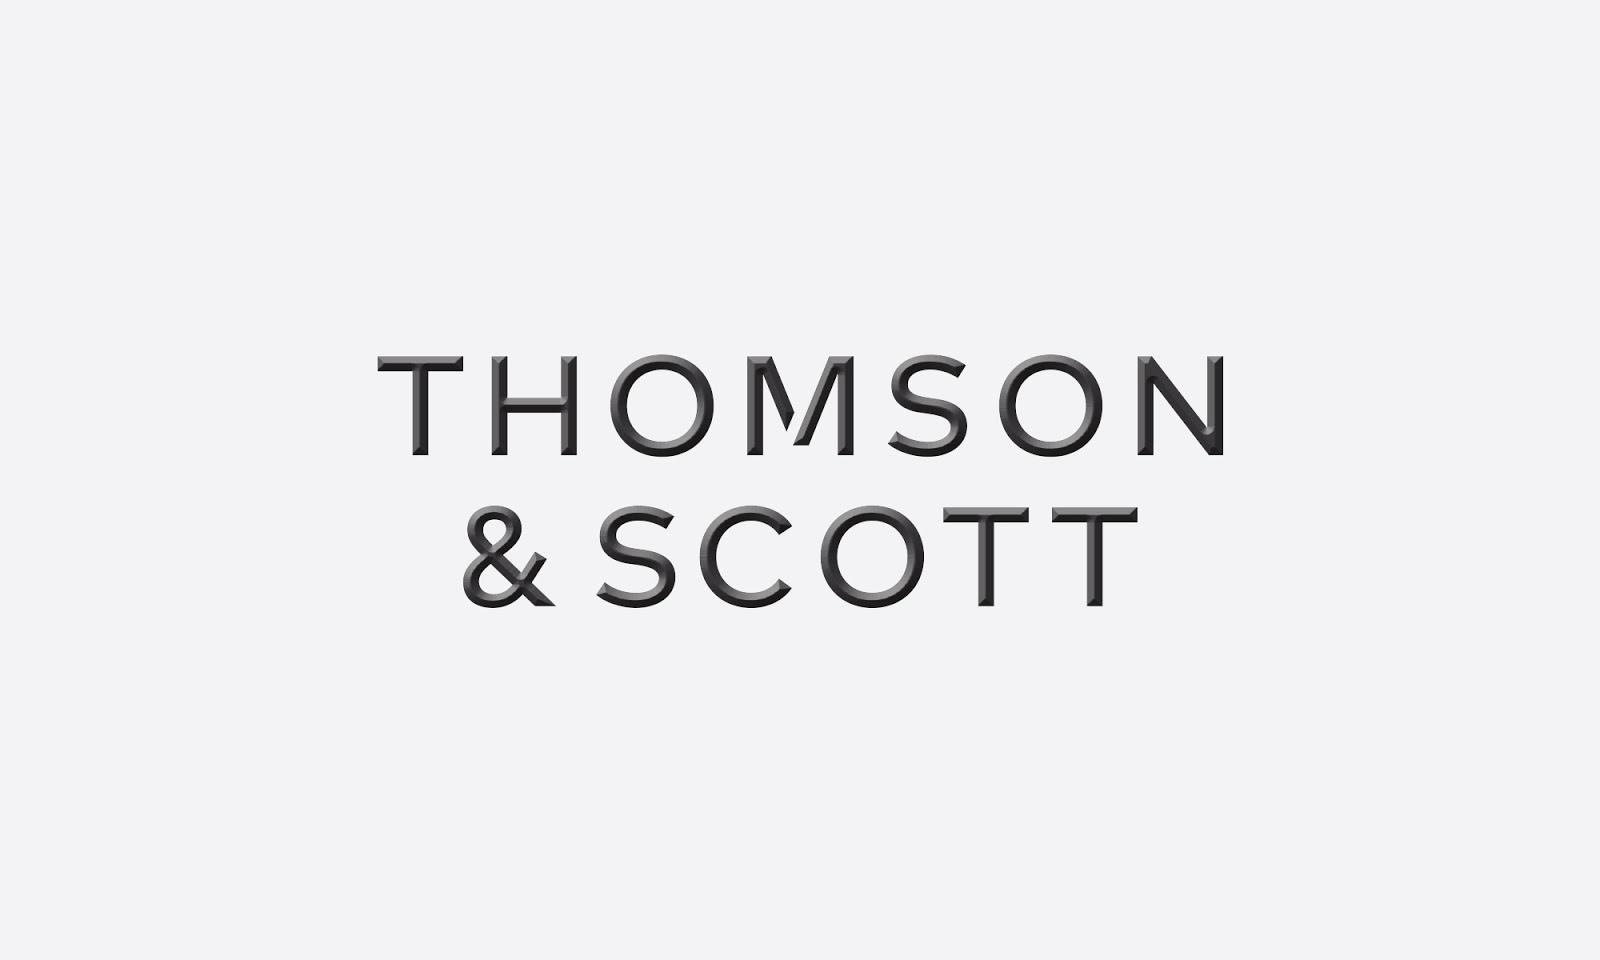 Thomson & Scott